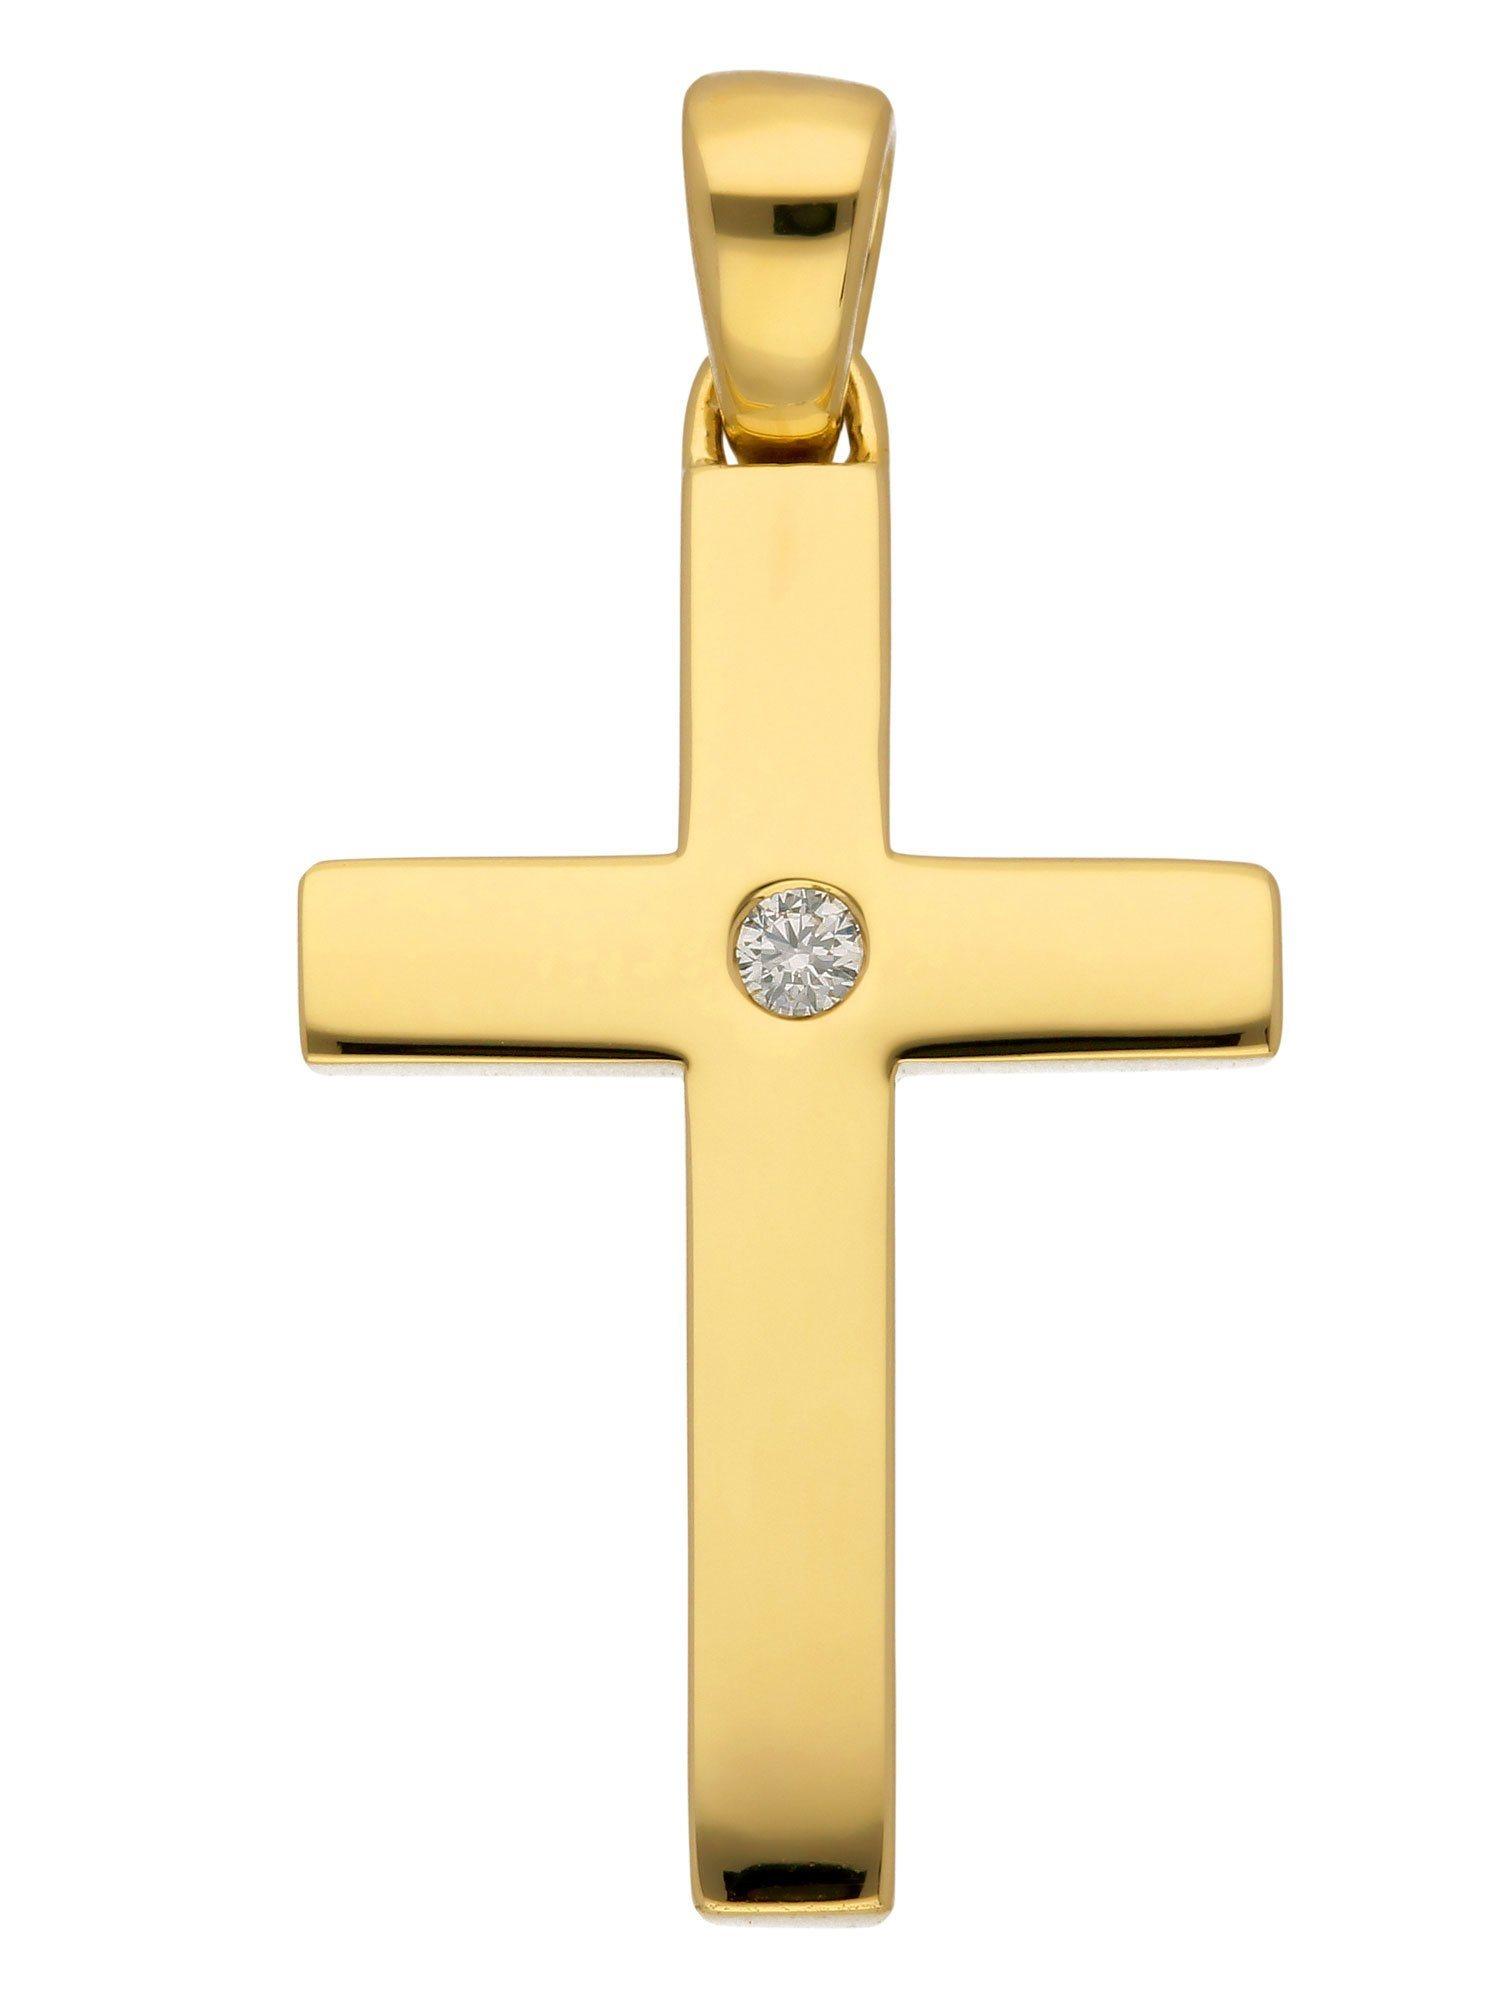 Adelia´s Kettenanhänger »Gold Anhänger« 14 k 585 Gelbgold mit Brillant | Schmuck > Halsketten > Ketten ohne Anhänger | Goldfarben | Adelia´s